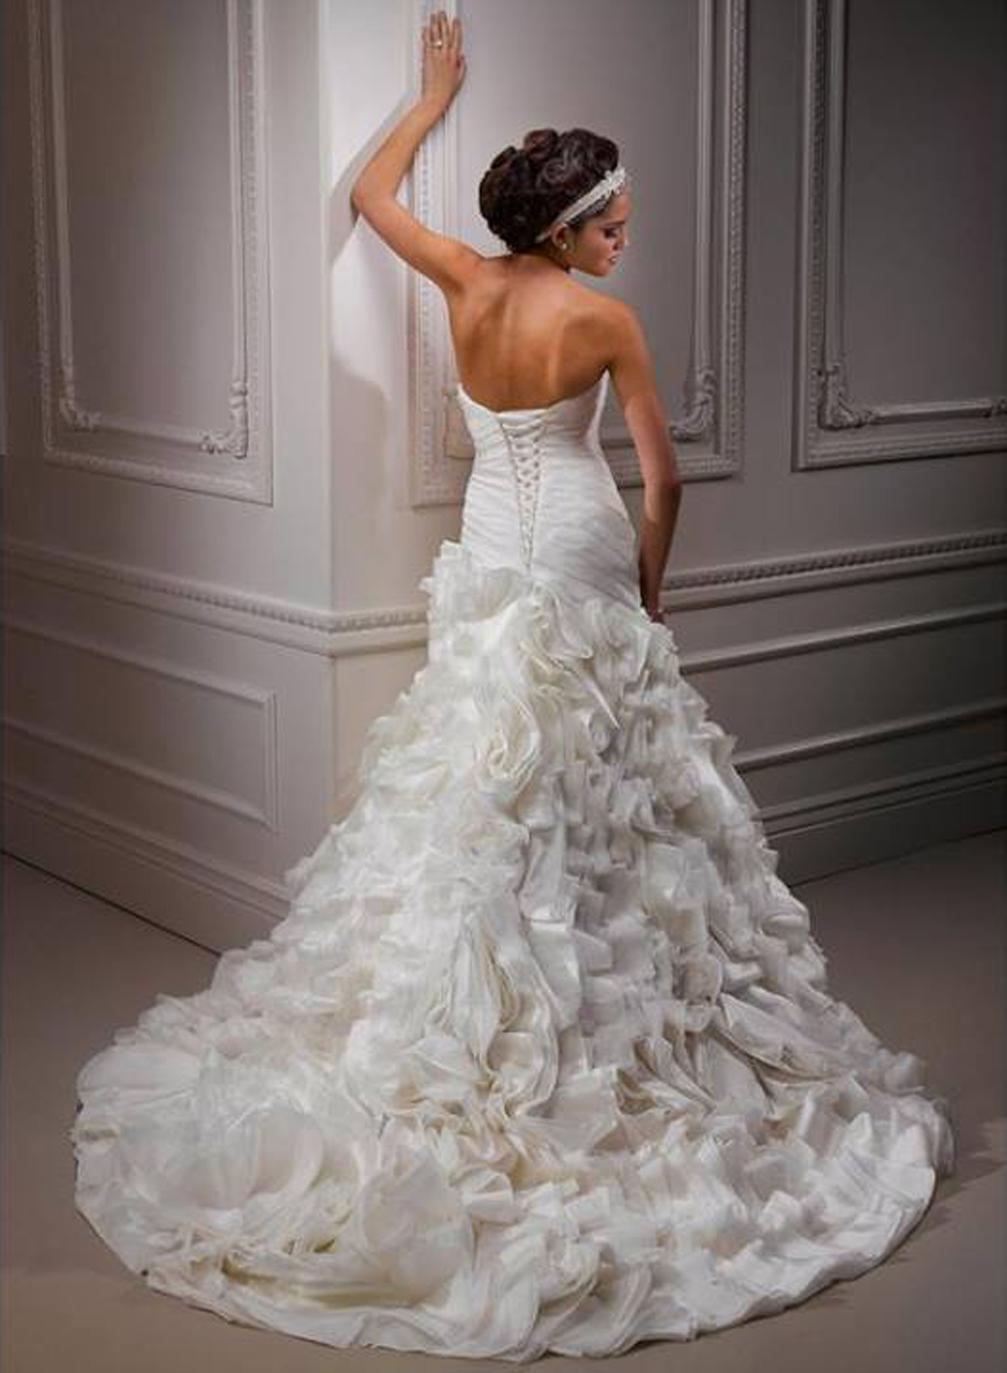 Výpredaj svadobných šiat! - Farba: diamond white, veľkosť 34-36-38